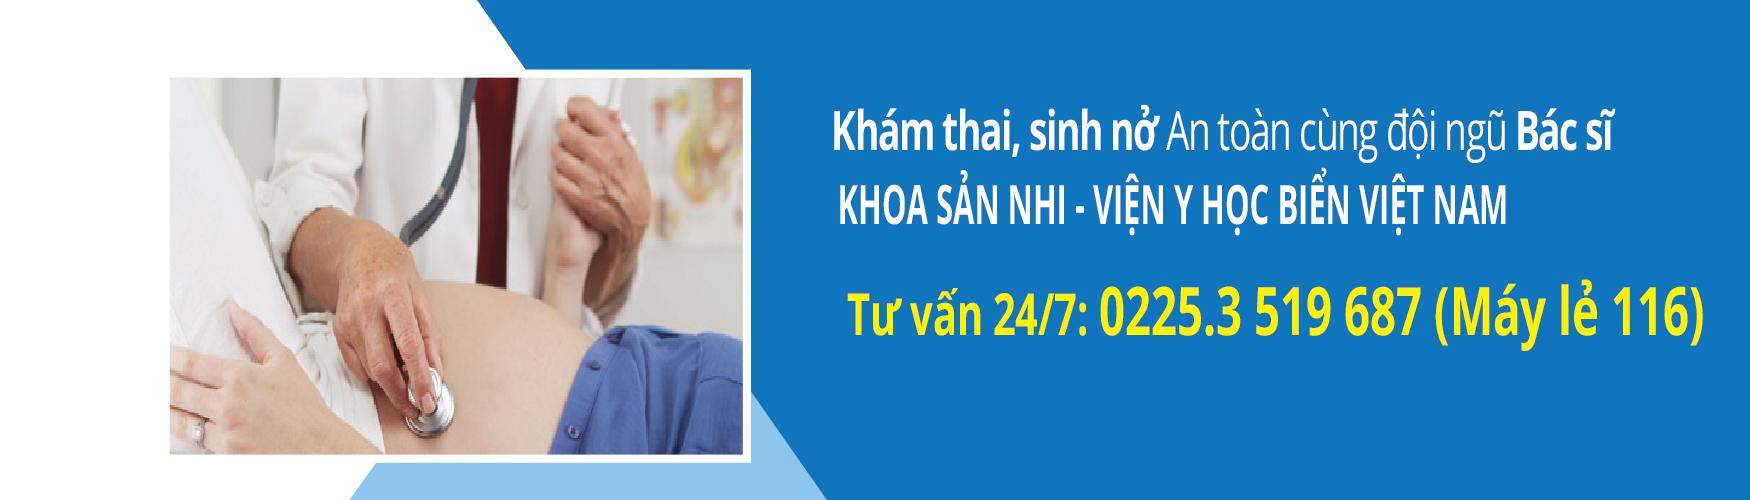 Trang chủ – Viện Y học biển Việt Nam